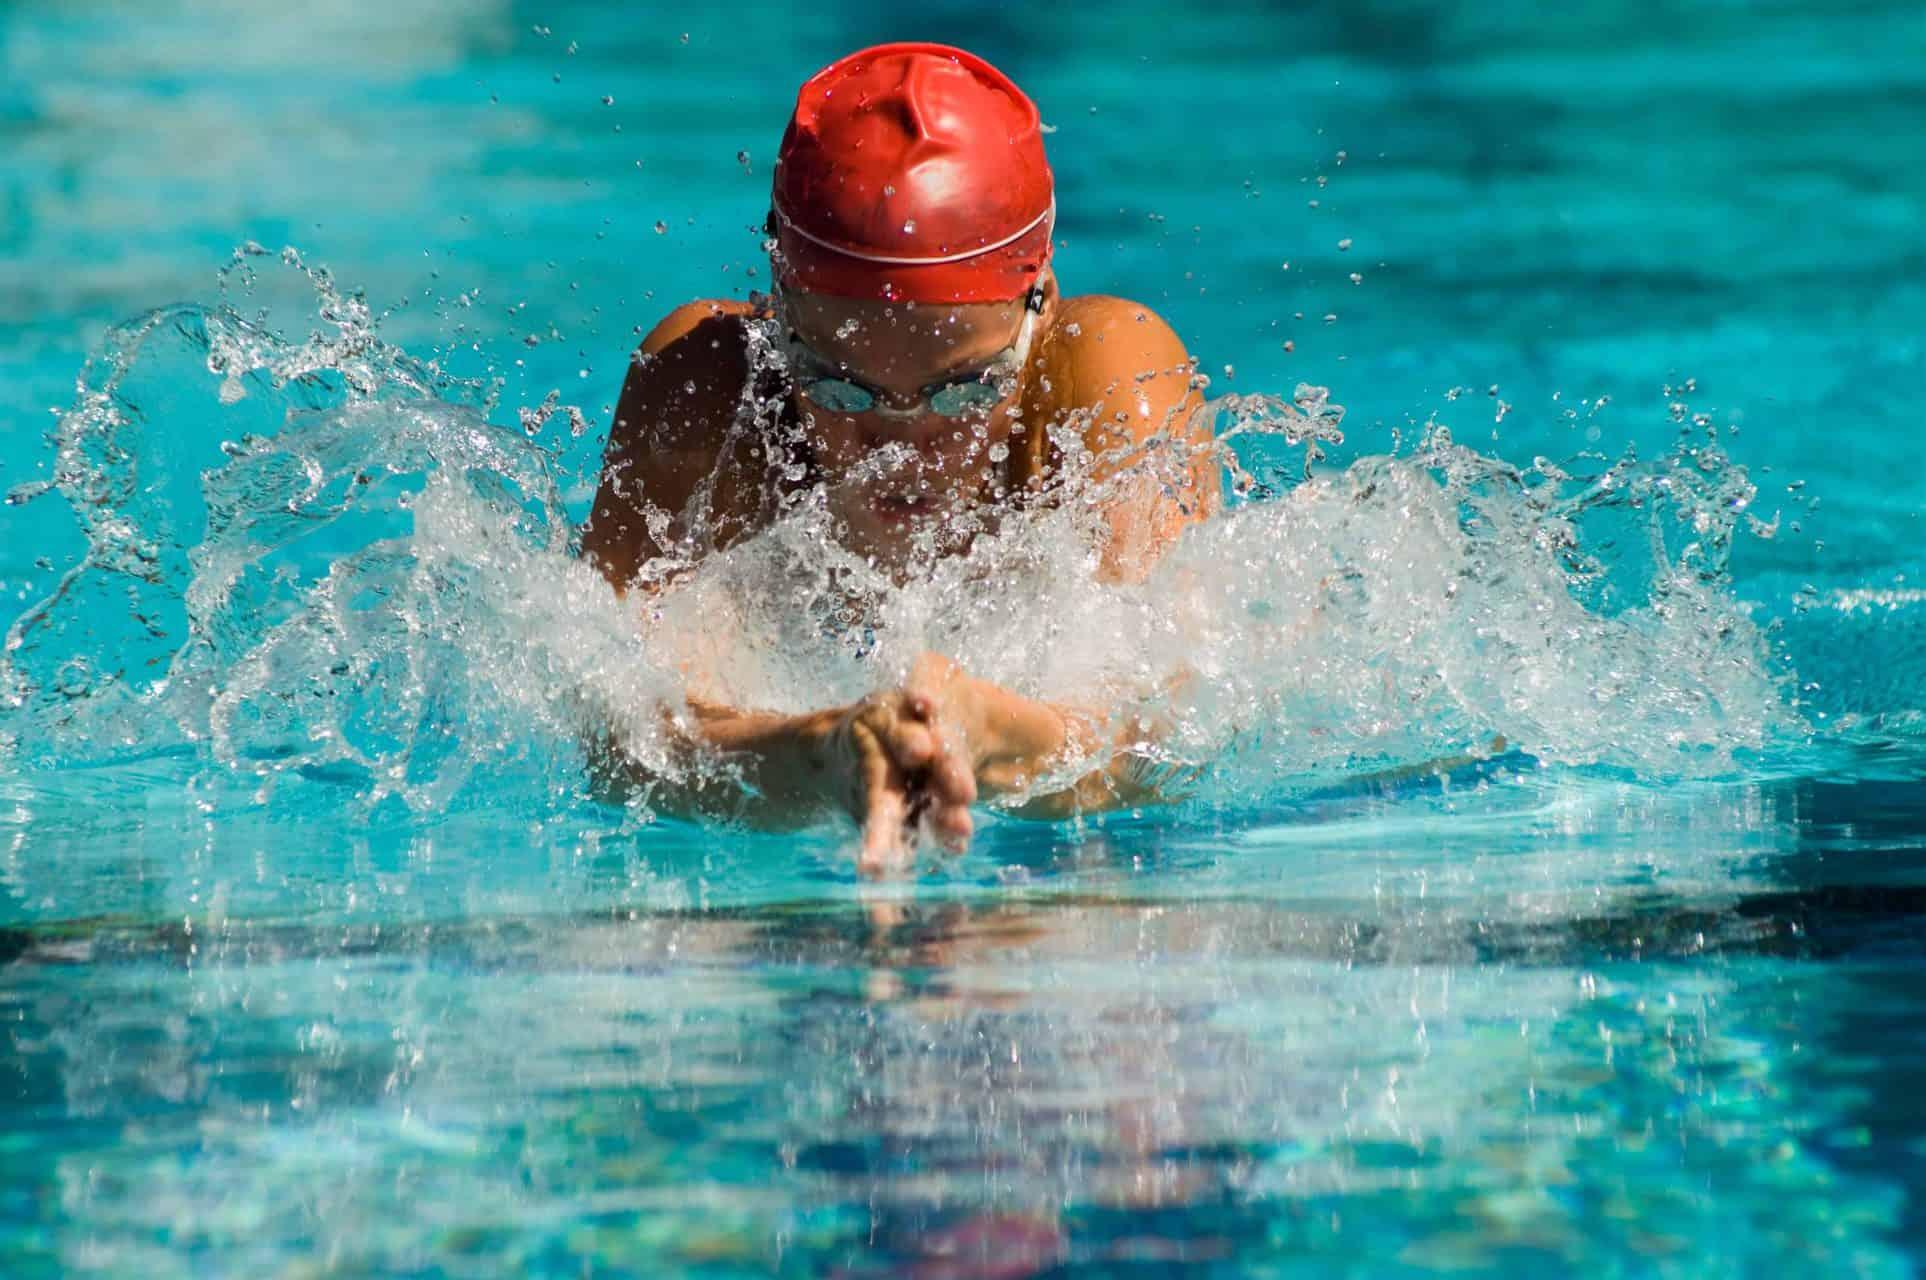 Pływanie, aqua aerobic – ćwiczenia na basenie na odchudzanie